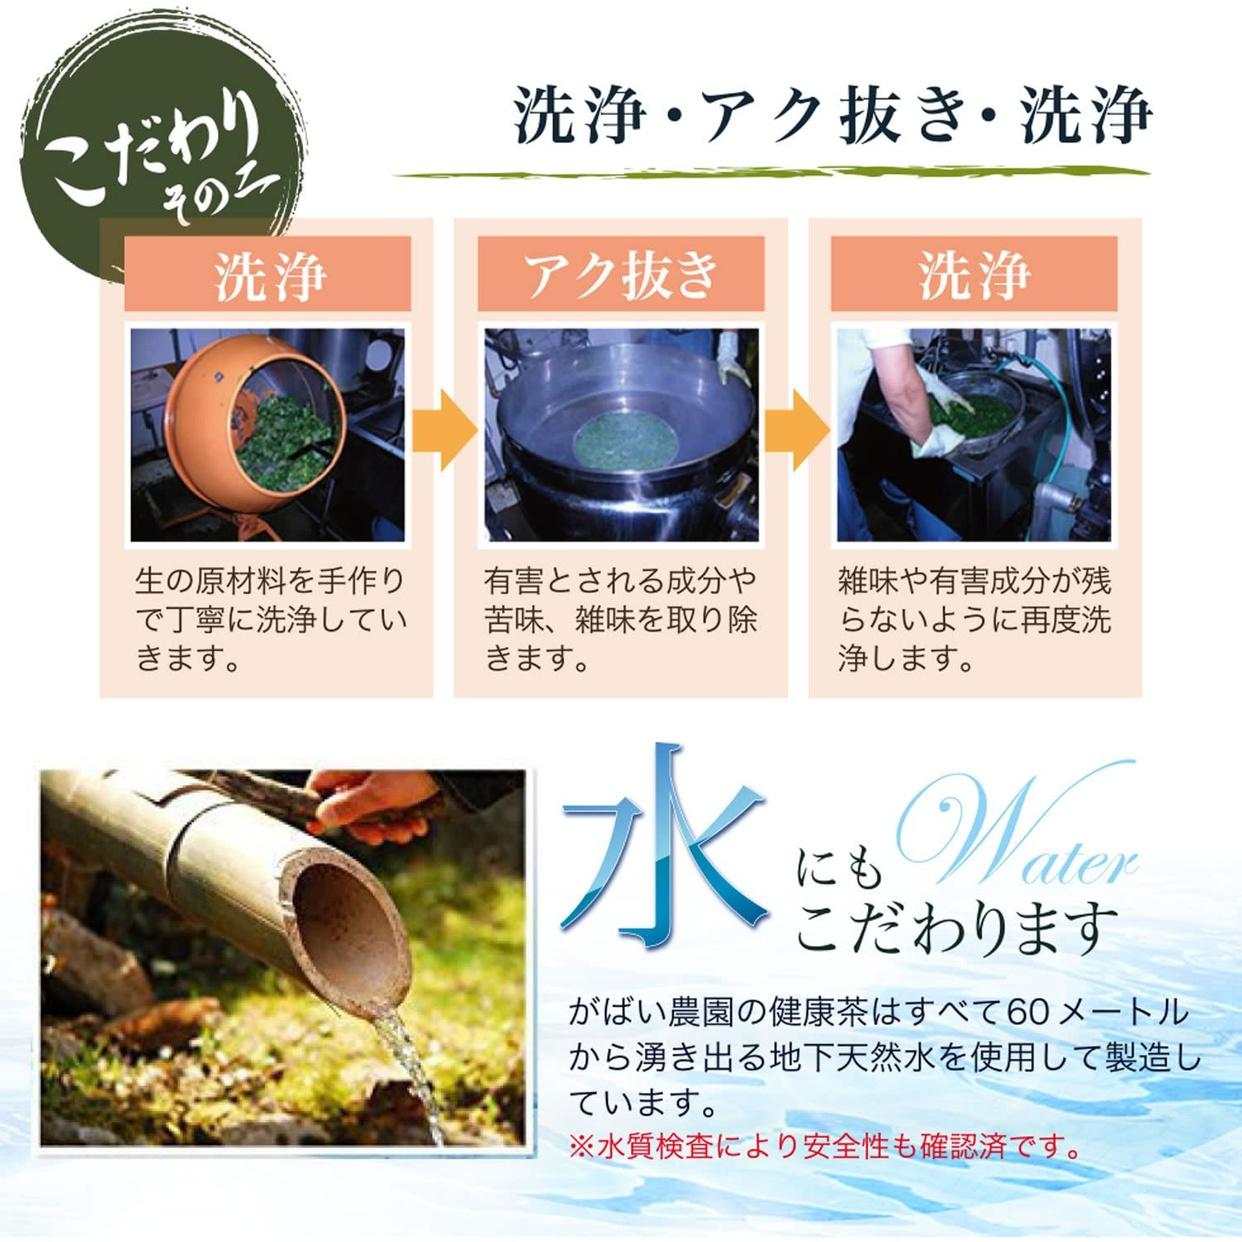 がばい農園 国産 赤なた豆茶の商品画像4